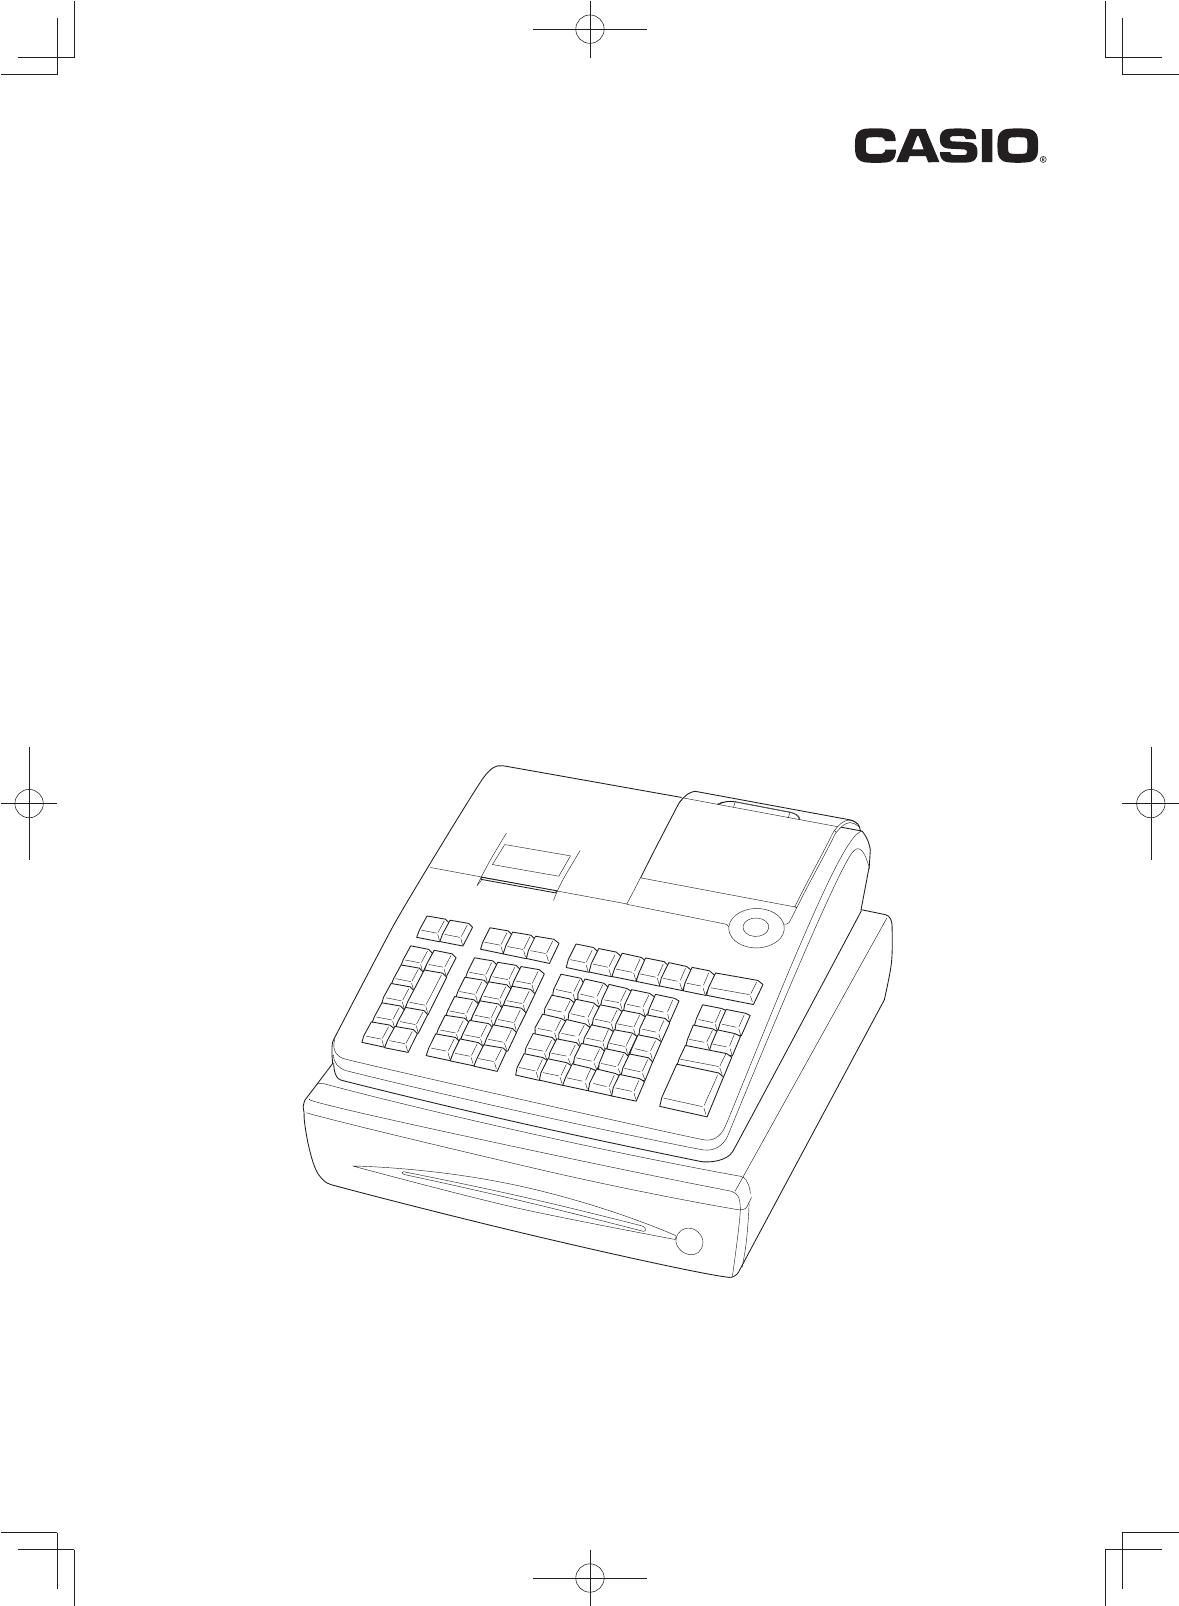 casio se s700 cash register manual